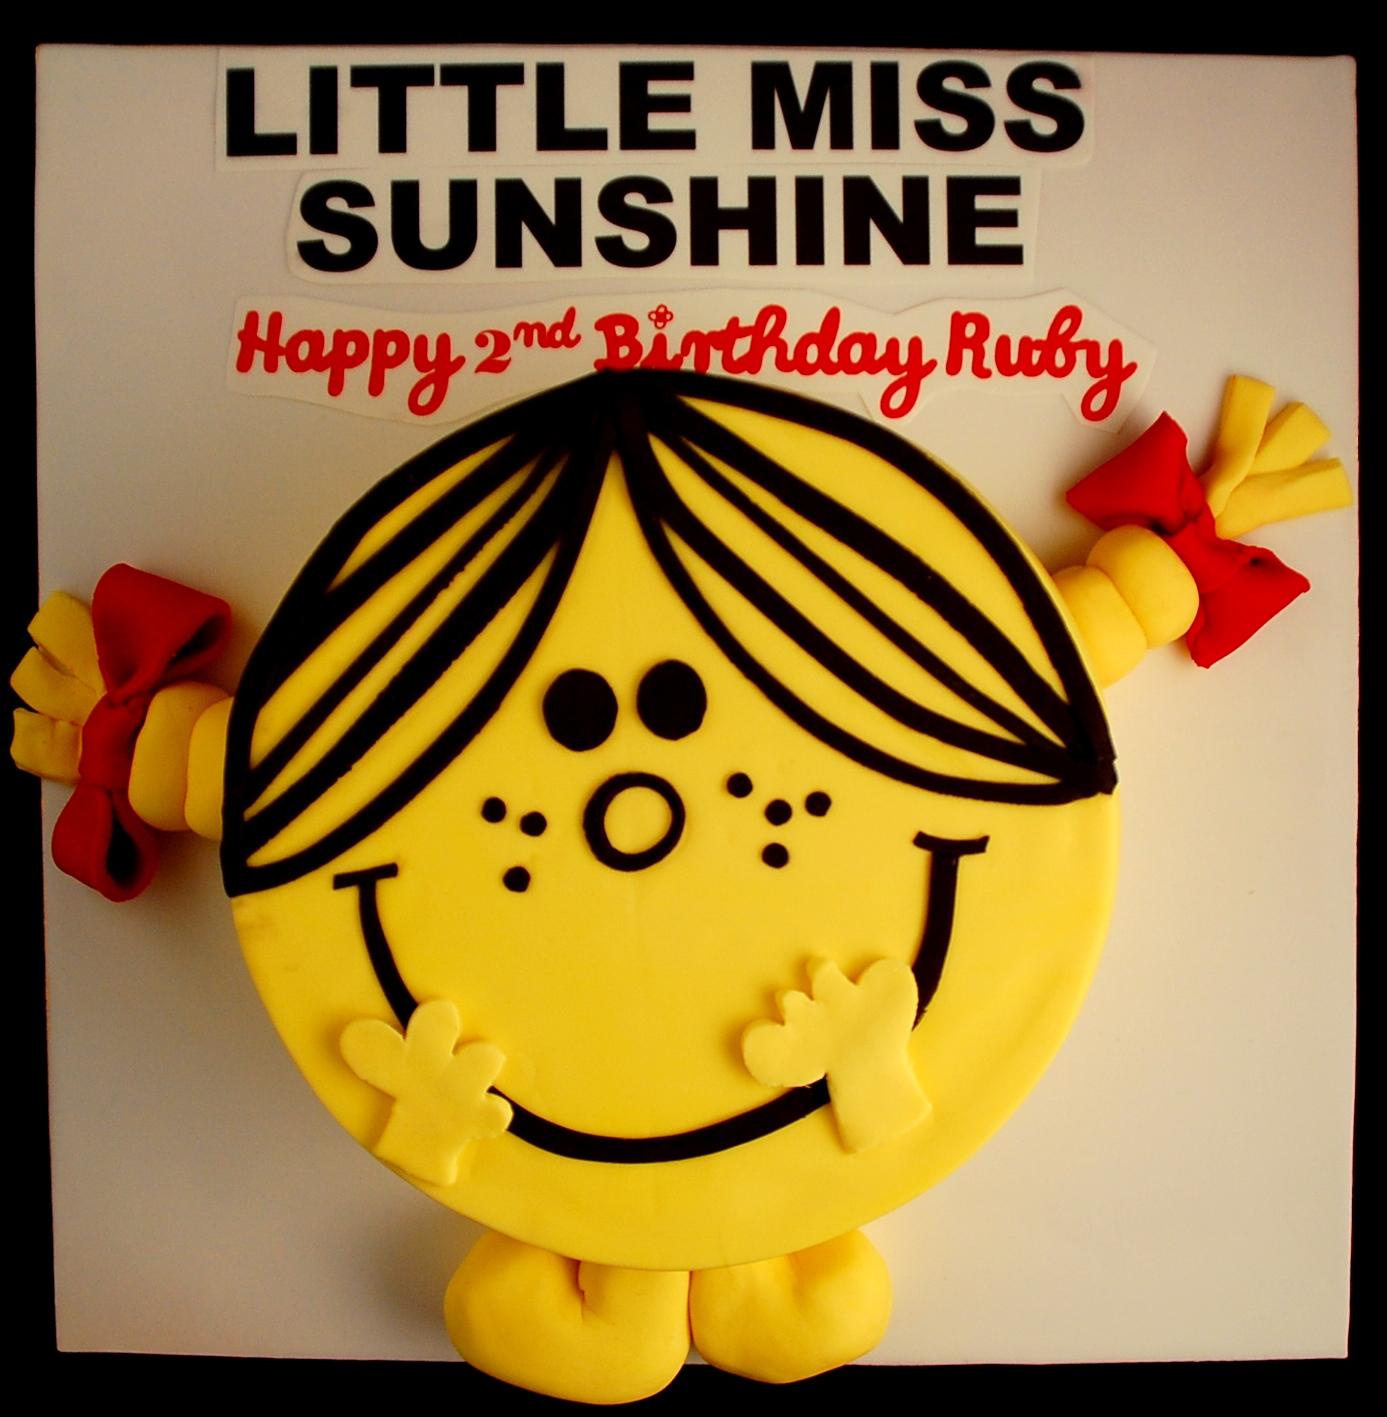 Zels Cakes Little Miss Sunshine Book Cake - Little miss birthday cake